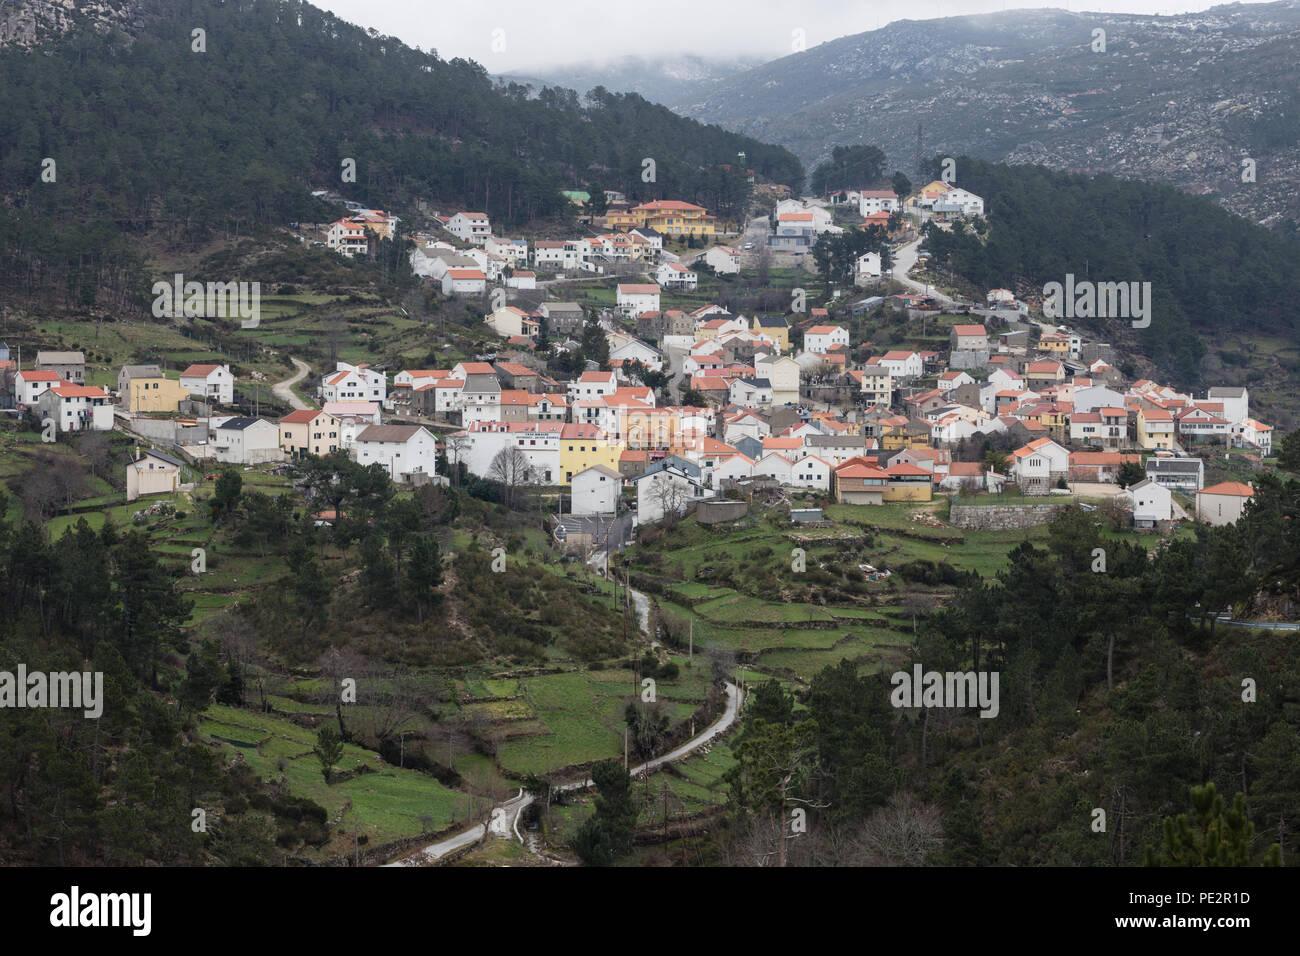 Aldeia mais alta de Portugal, highest village in Portugal, 1050 metres, Sabugueiro, Serra da Estrela, Beira Alta, Portugal. Although this village is c - Stock Image